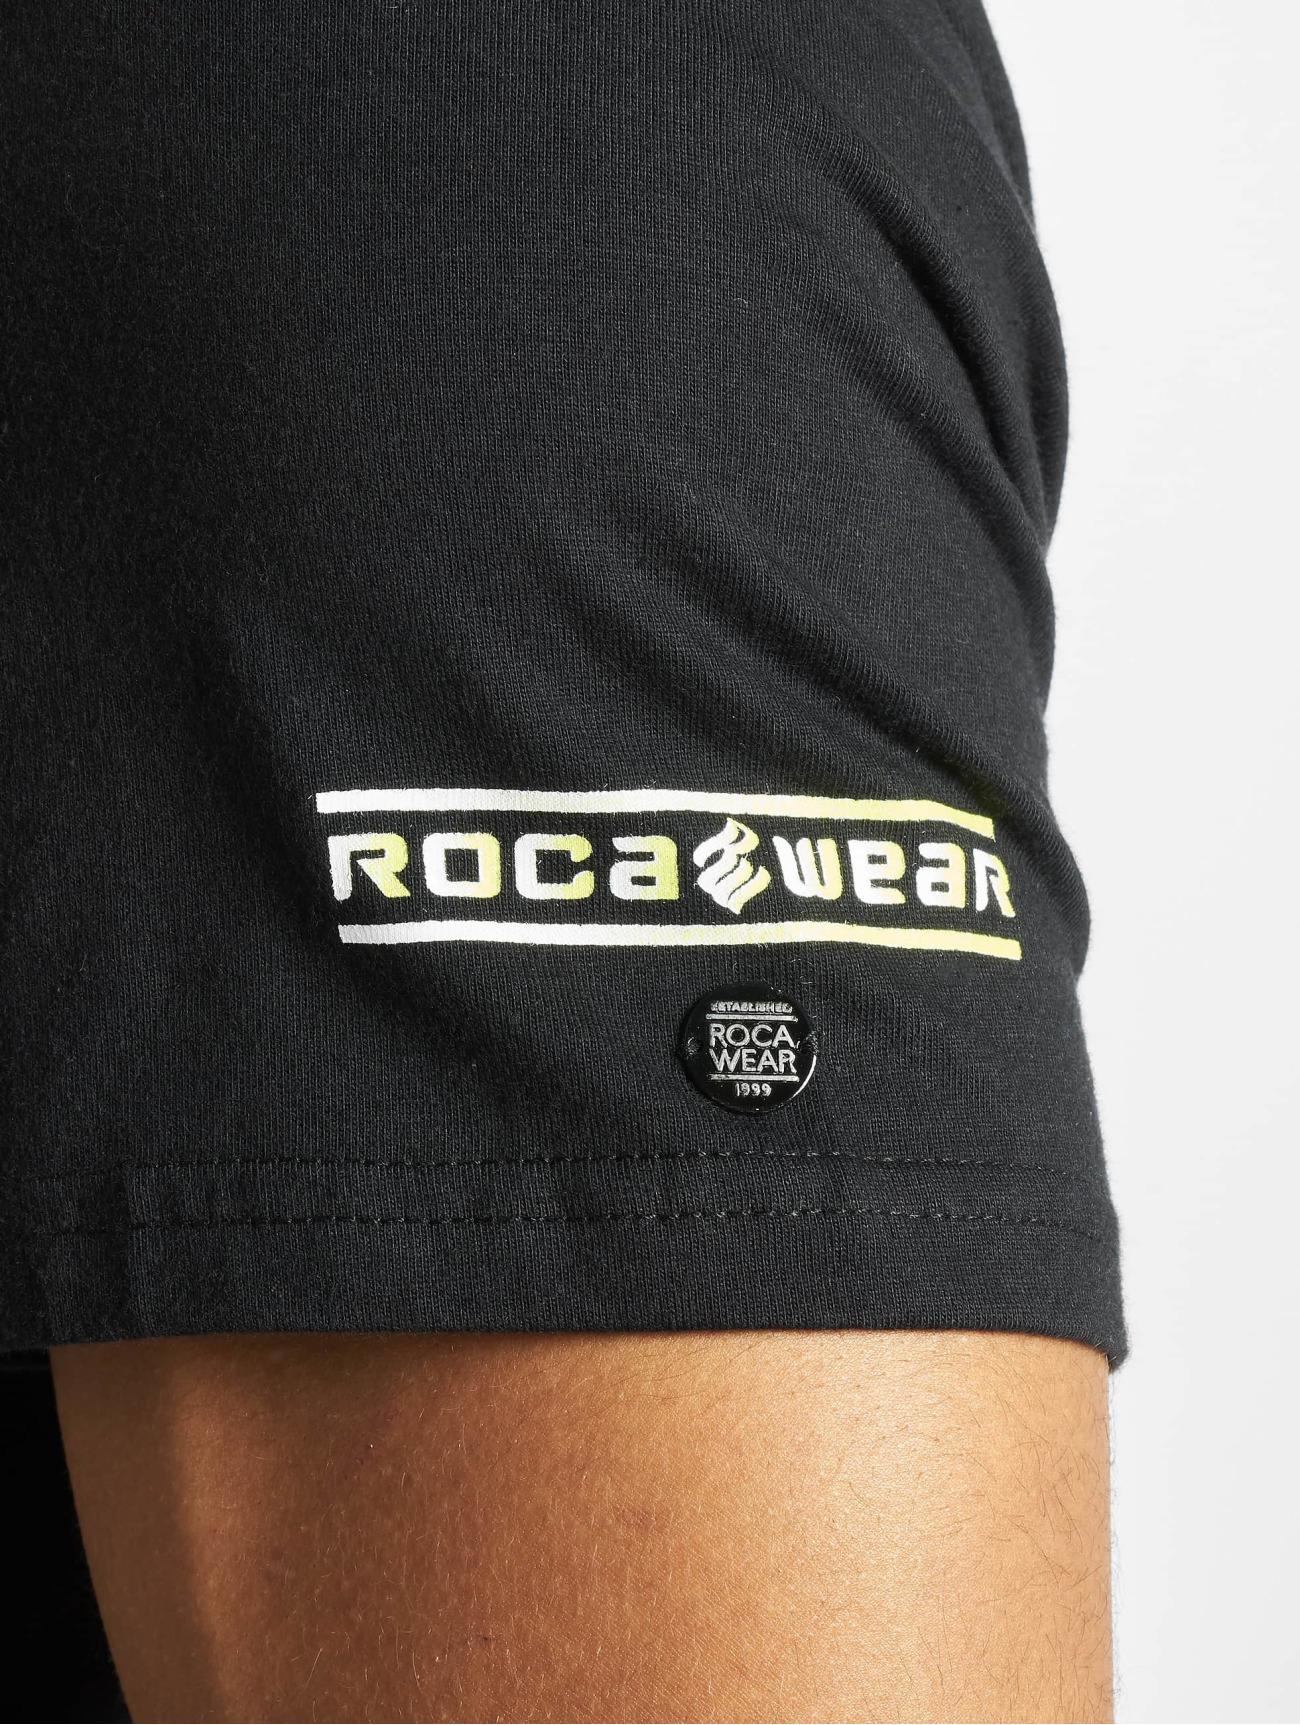 Rocawear   Hume   noir Homme T-Shirt  648137  Homme Hauts